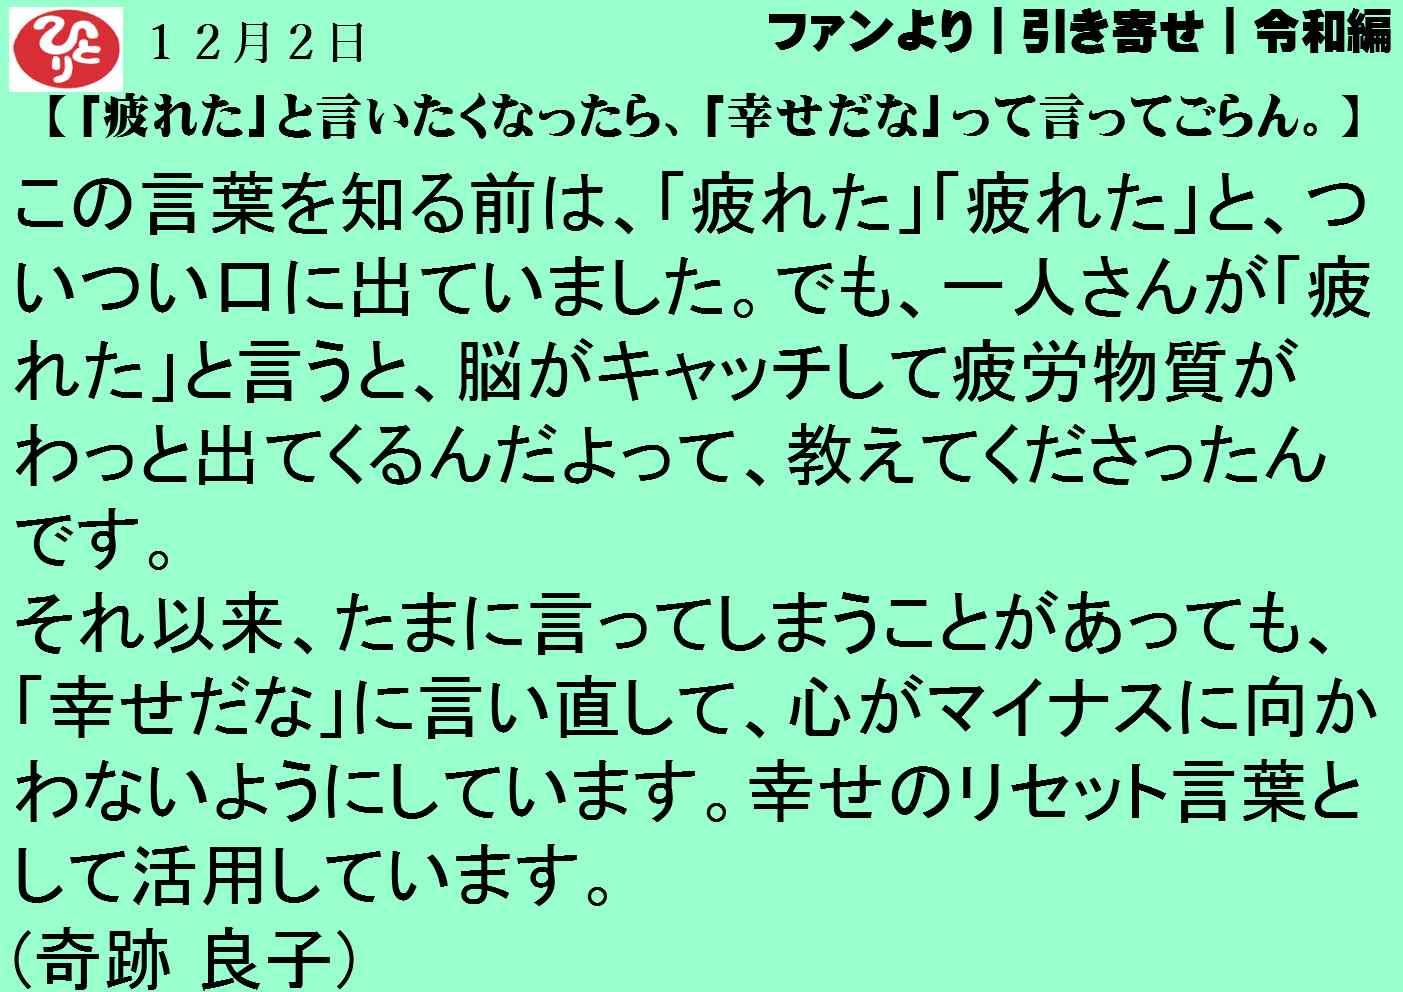 12月2日 「疲れた」と言いたくなったら、「幸せだな」って言ってごらん。 令和一日一語斎藤一人 ファンより 引き寄せ